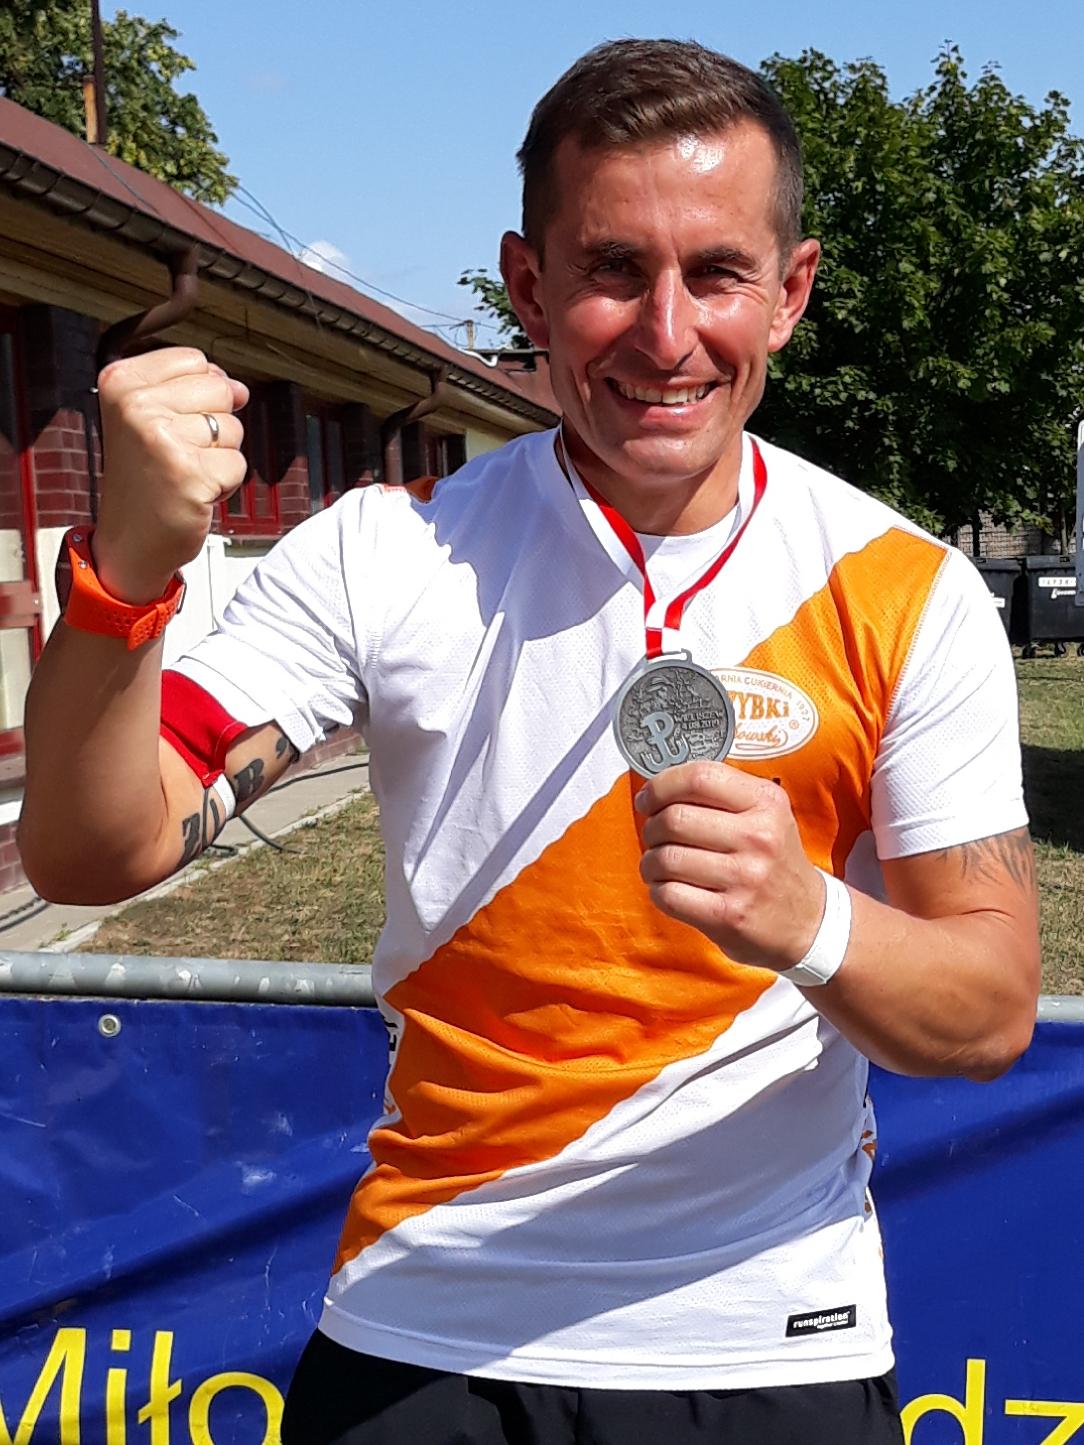 Marcin z kolejnym medalem! | 5. Ultramaraton Powstańca - Wieliszew 4 sierpnia 2019r.